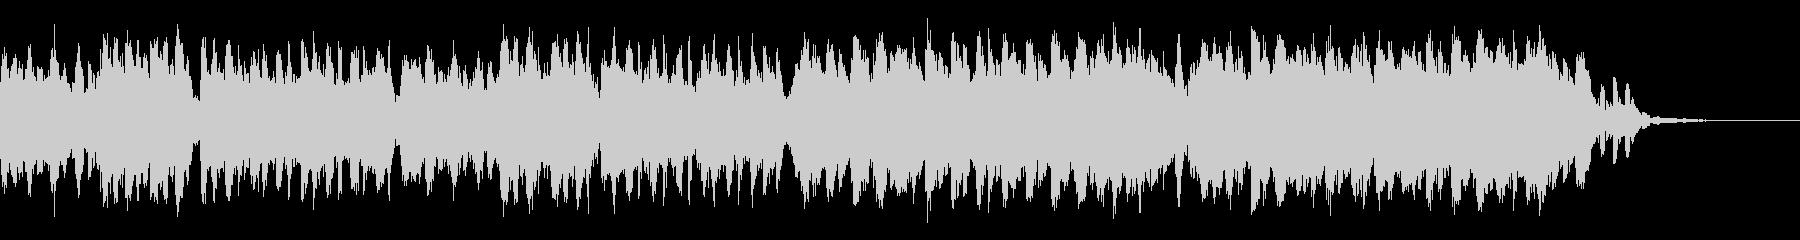 「疾走感」企業VP映像用オーケストラ壮大の未再生の波形